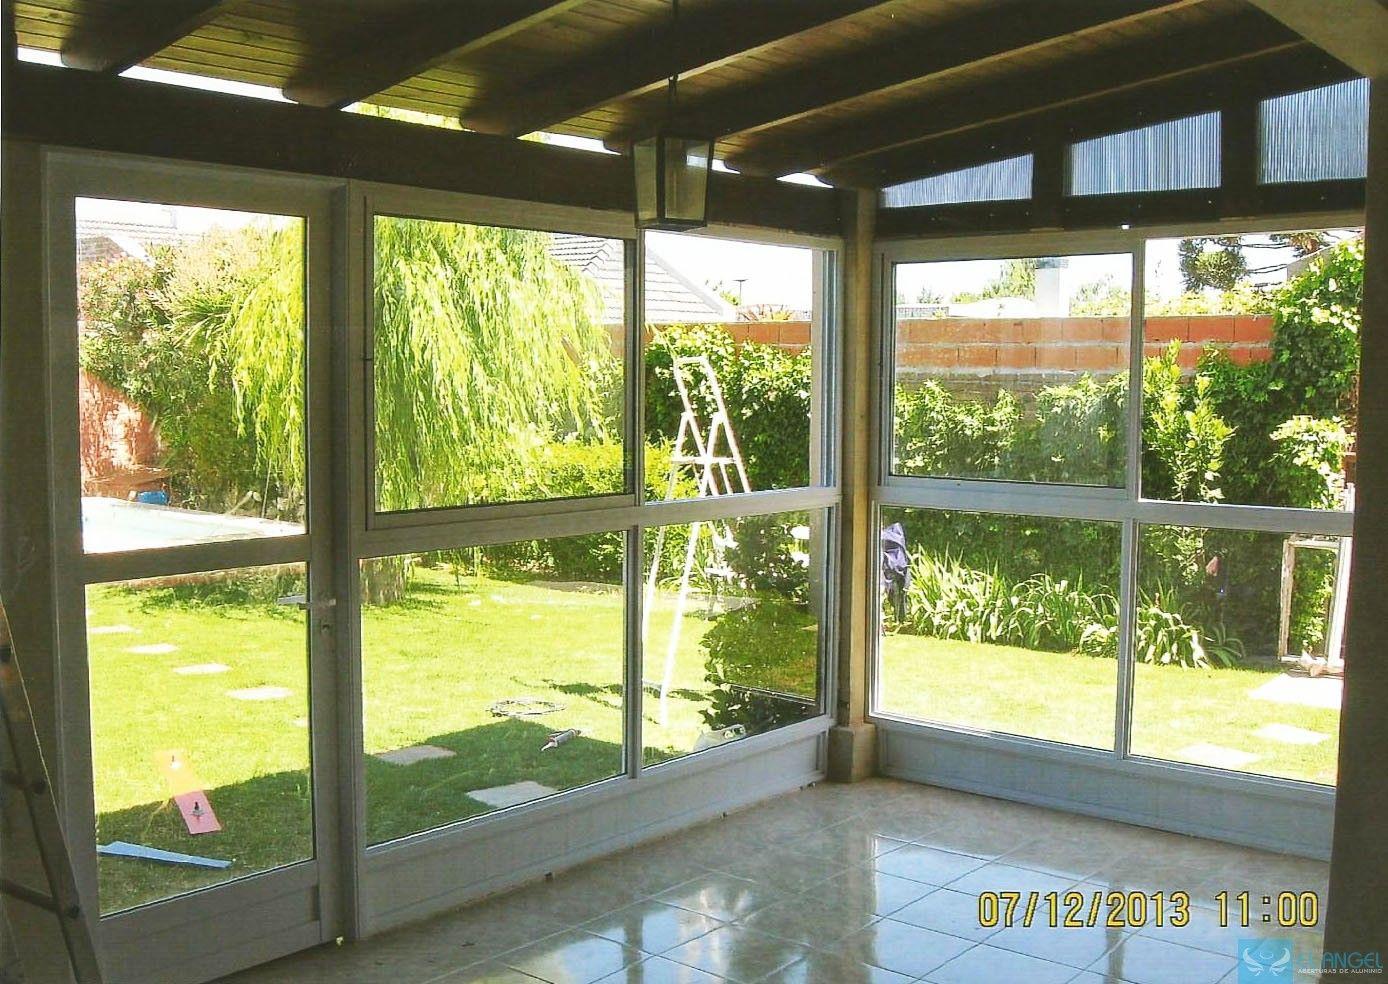 Fotos de galerias y cerramientos de aluminio y vidrio buscar con google ideas para el hogar - Cerramiento de aluminio ...